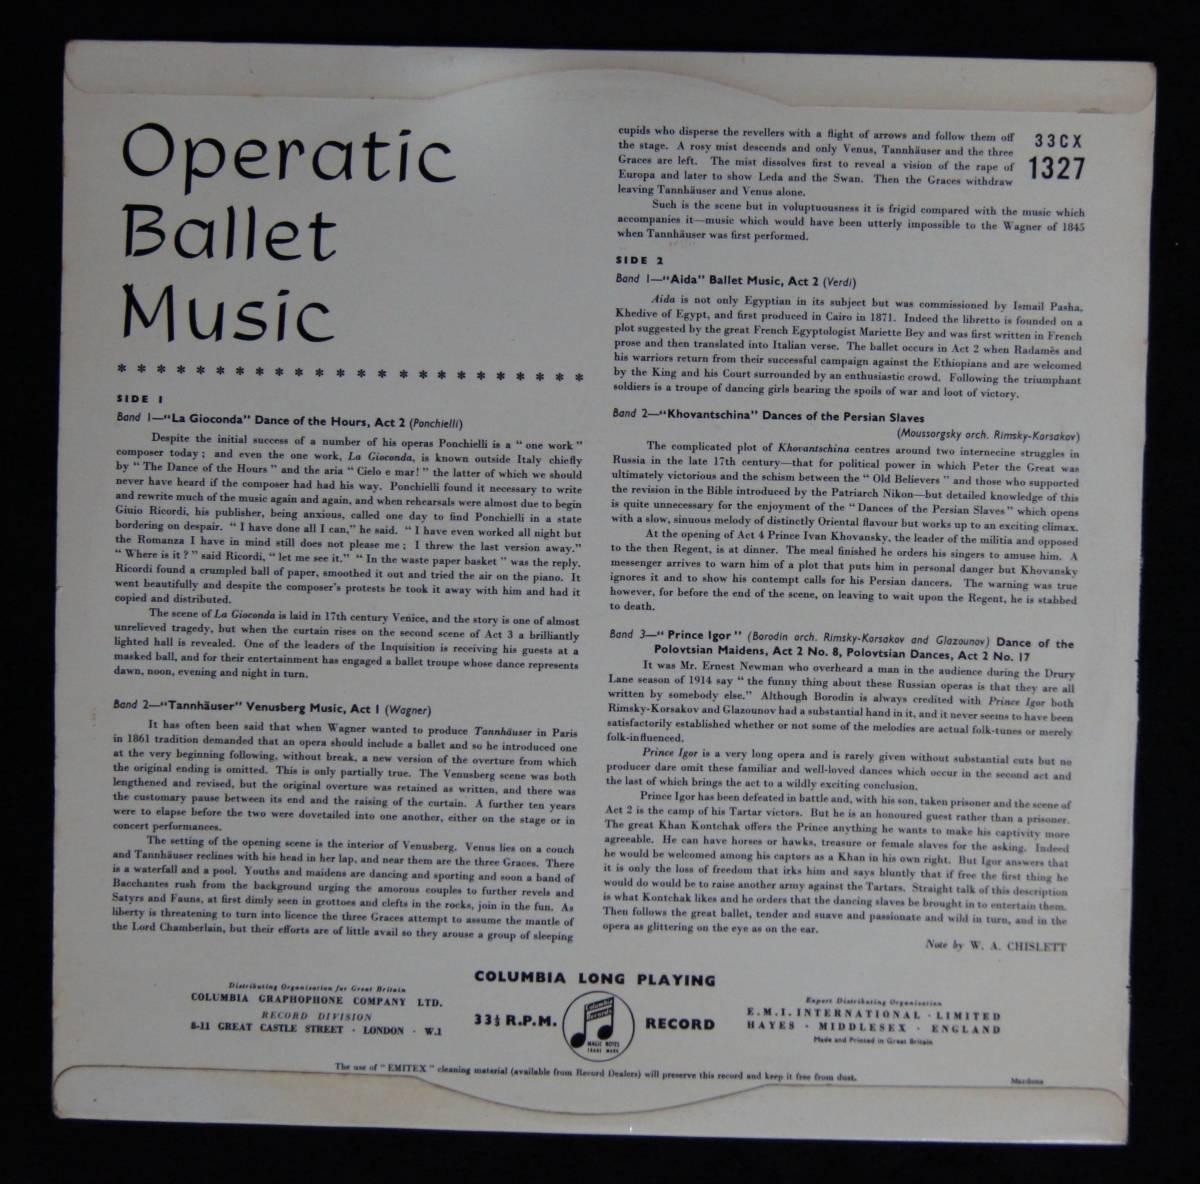 ヘルベルト・フォン・カラヤン/フィルハーモニア管弦楽団【33CX 1327 キズ盤】「オペラ・バレエ音楽集」_画像2